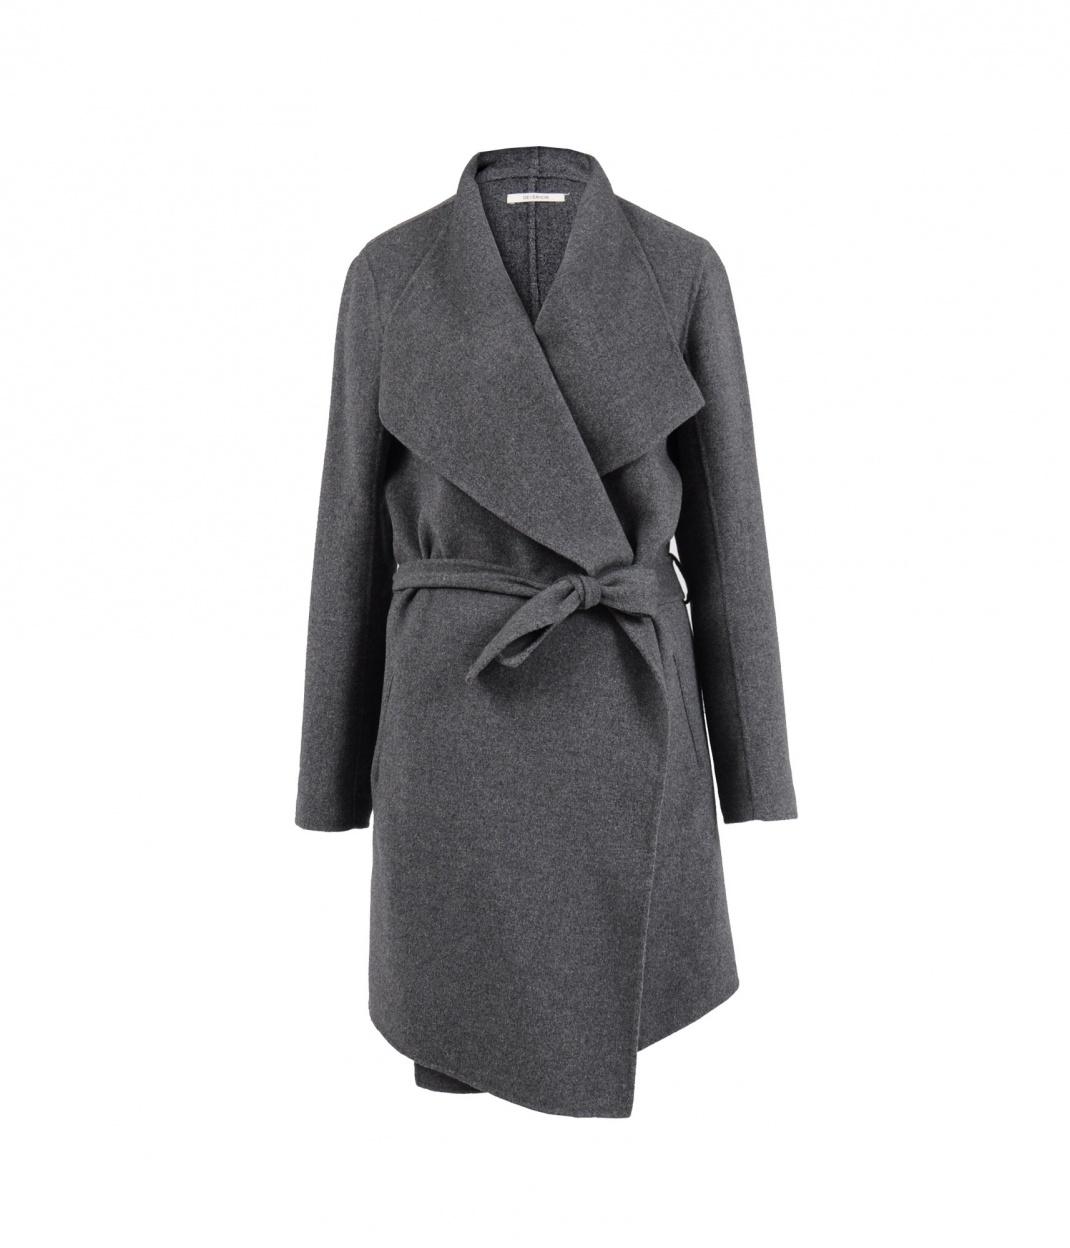 Manteau : choisir le modèle adapté à sa morphologie